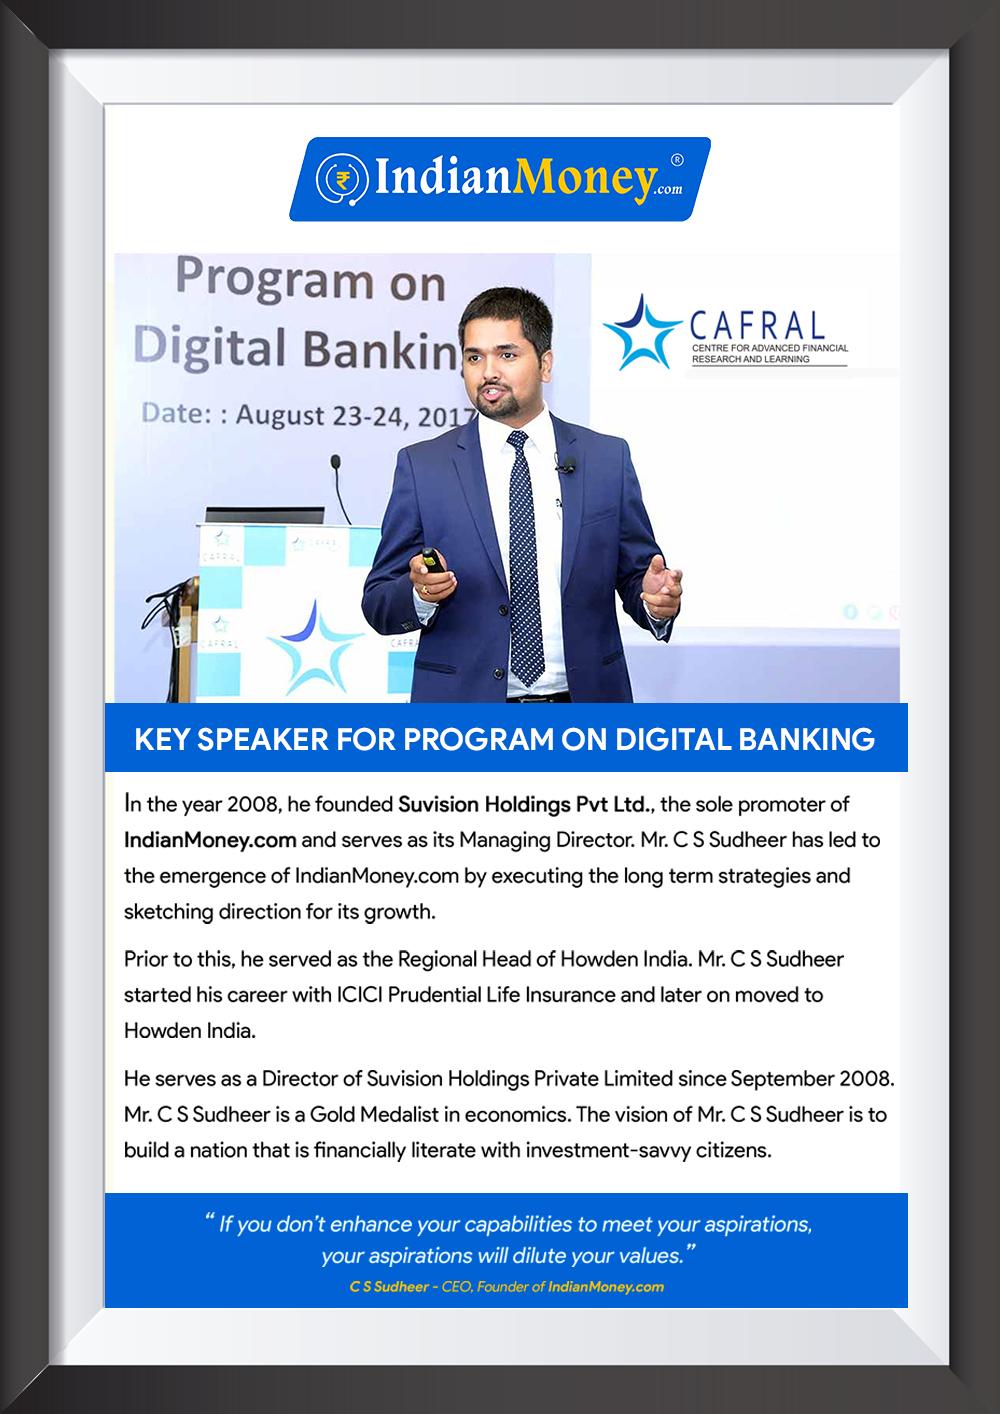 Key Speaker for Program on Digital Banking